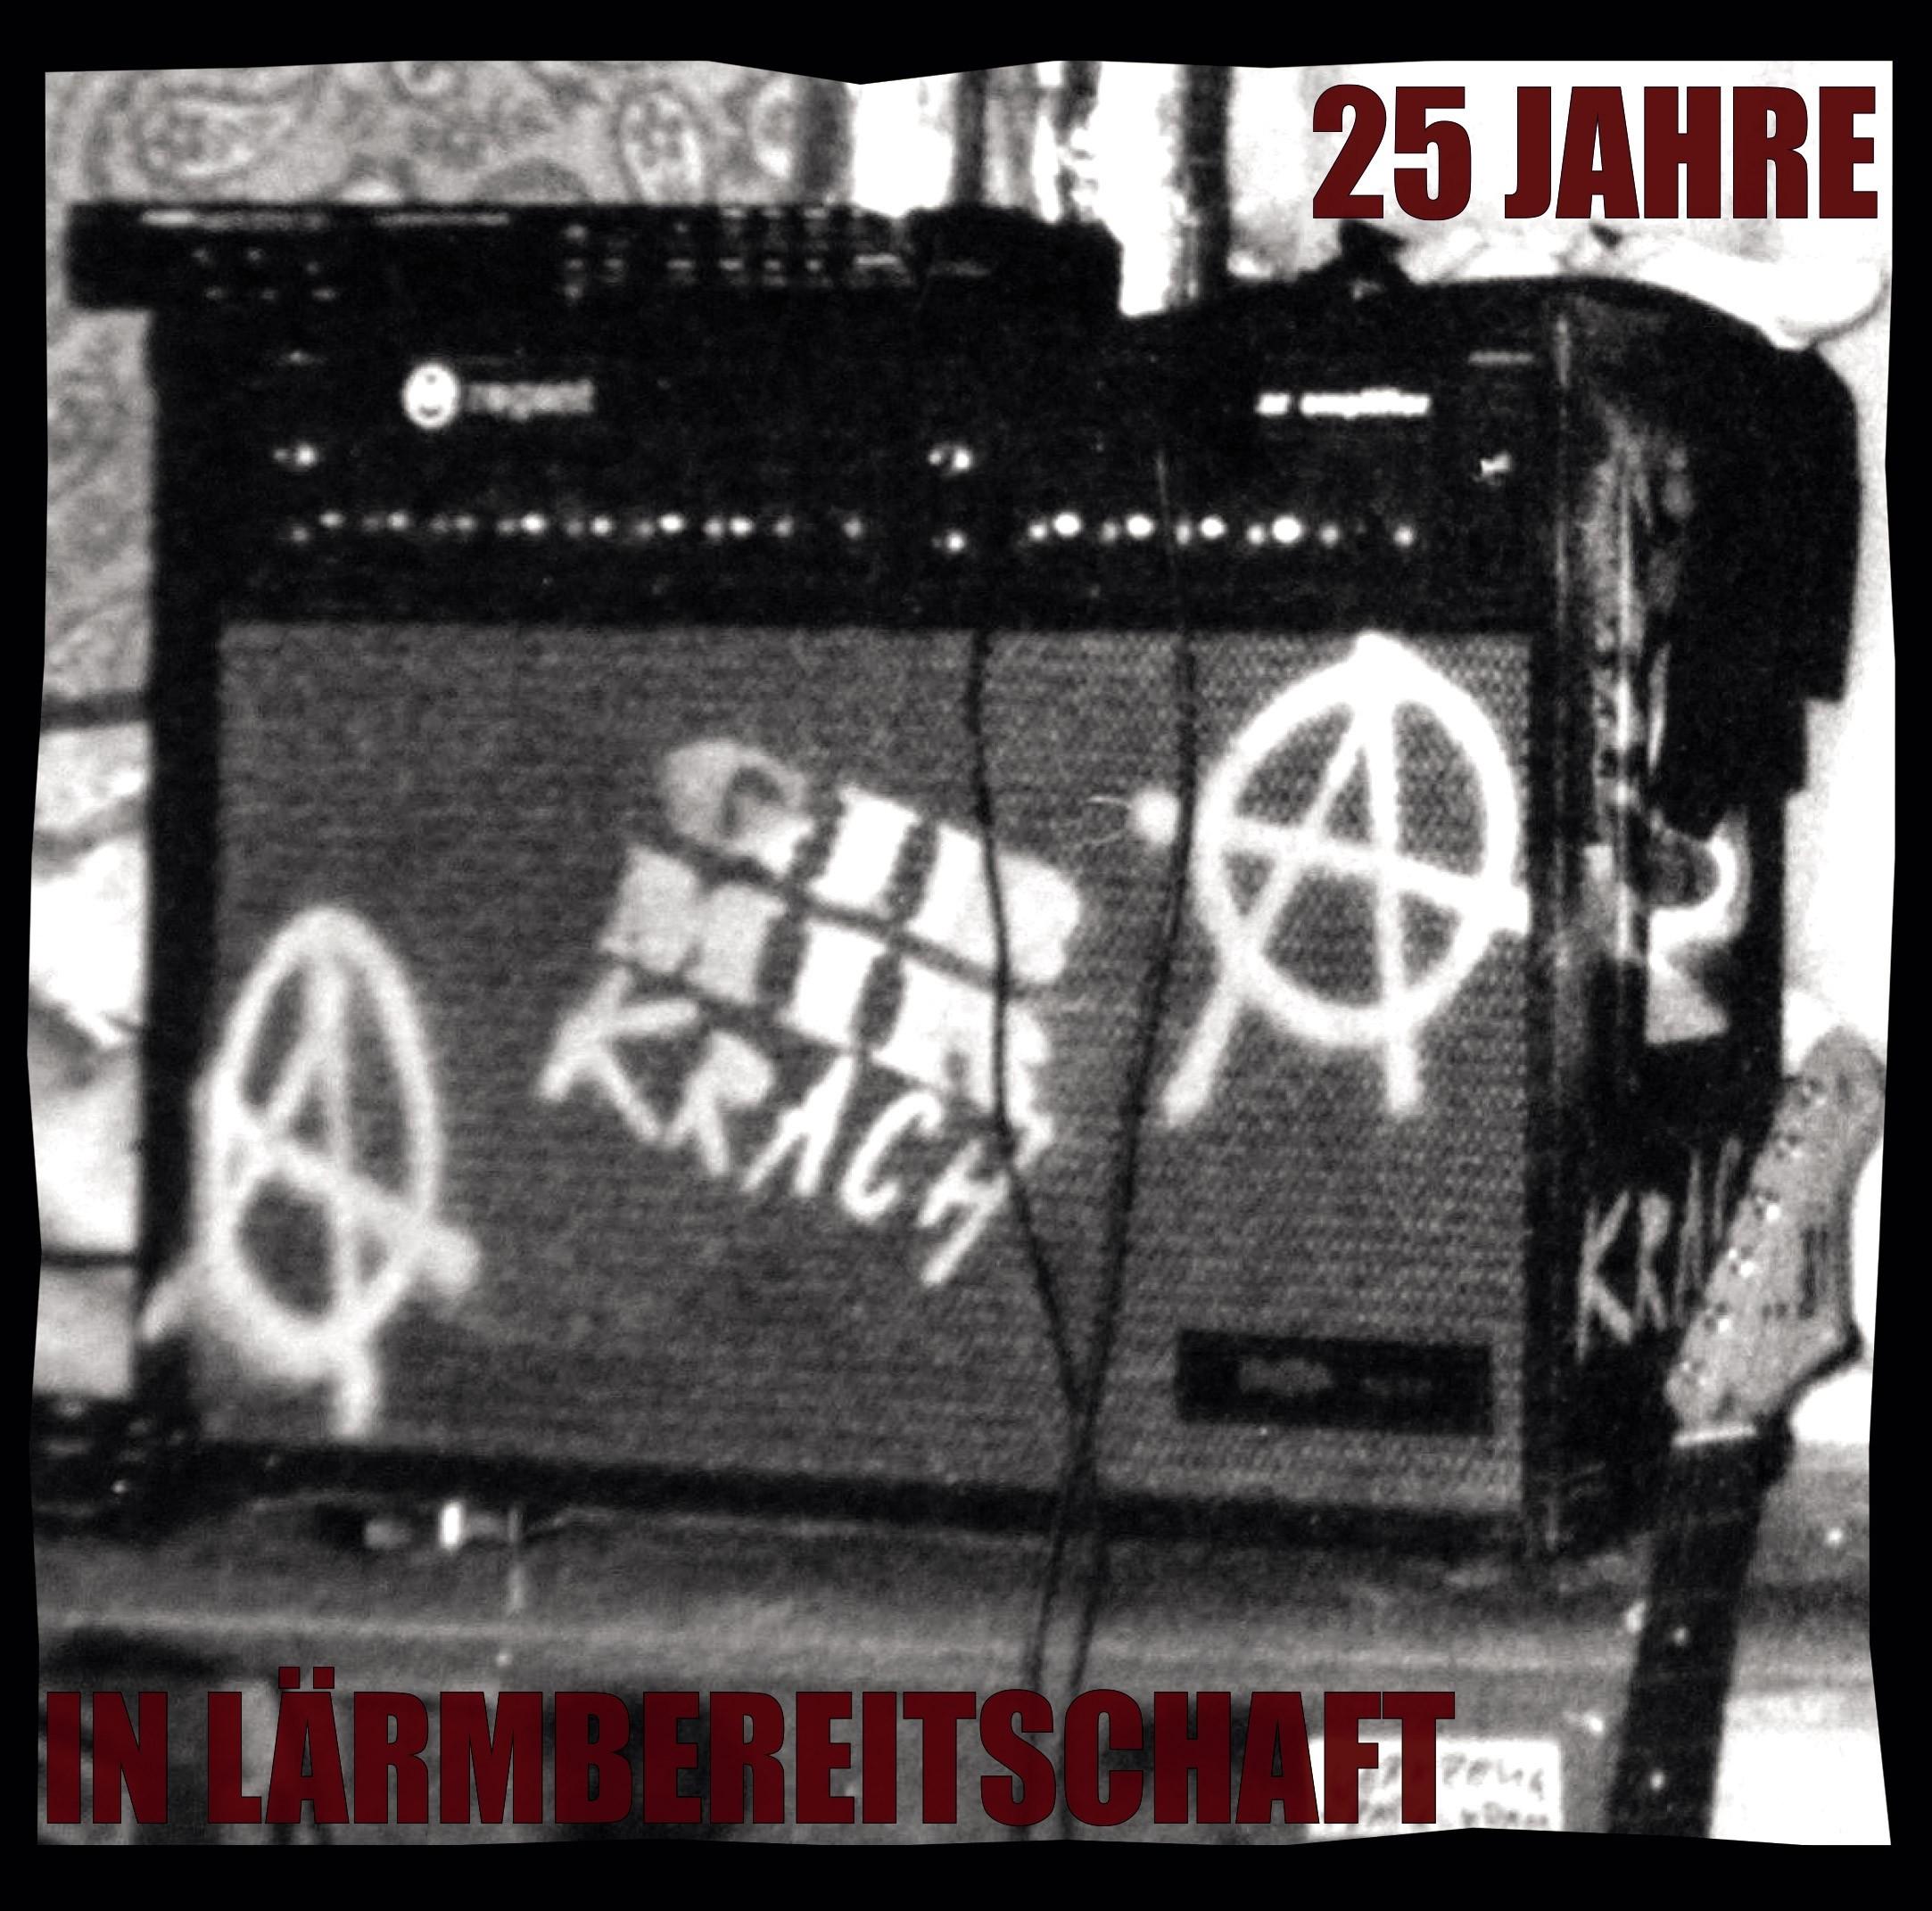 """V/A Telekoma /Bockwurschtbude - """"25Jahre in Lärmbereitschaft"""" - 7""""EP im Klappcover!"""